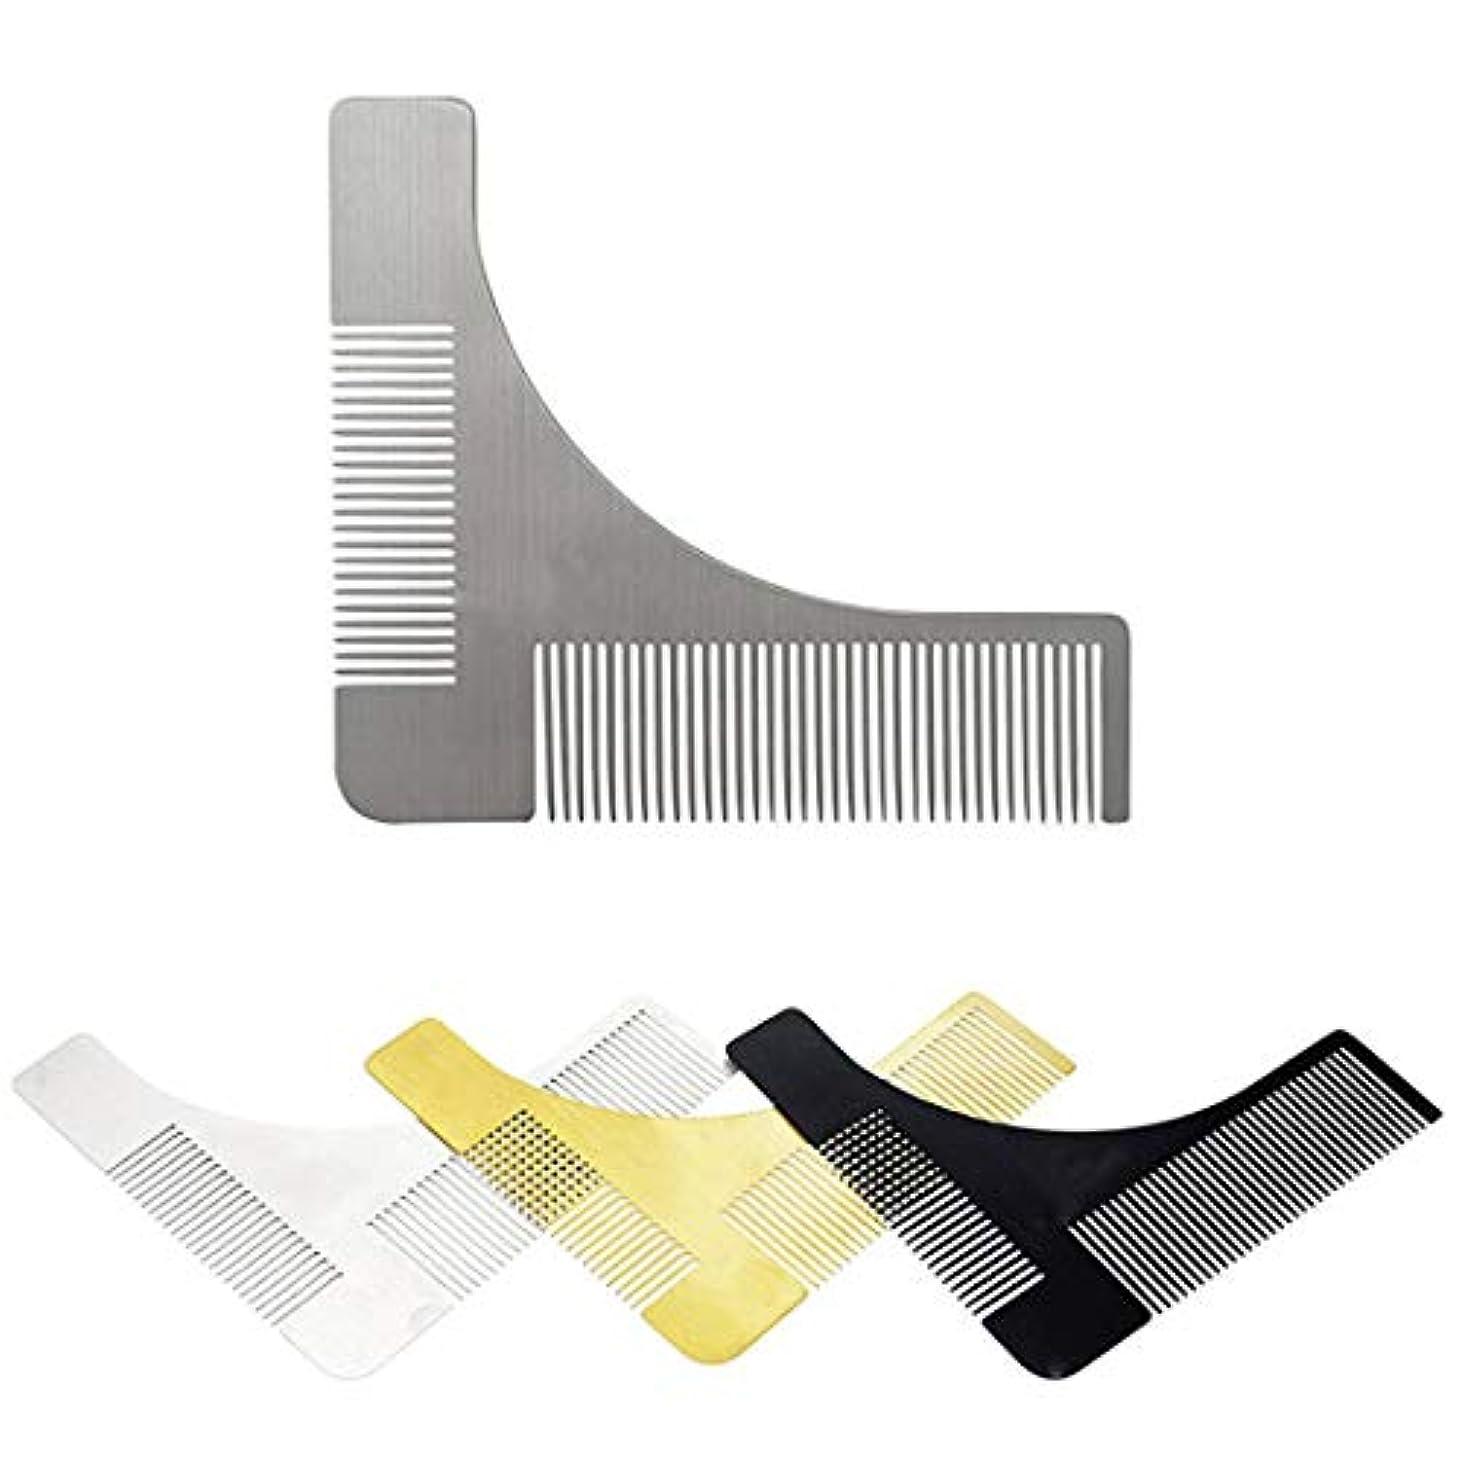 引き出しスチュワーデスアッパーステンレス鋼のひげのスタイリングおよび形成のための型板の櫛用具 ヘアケア (色 : 304 material)